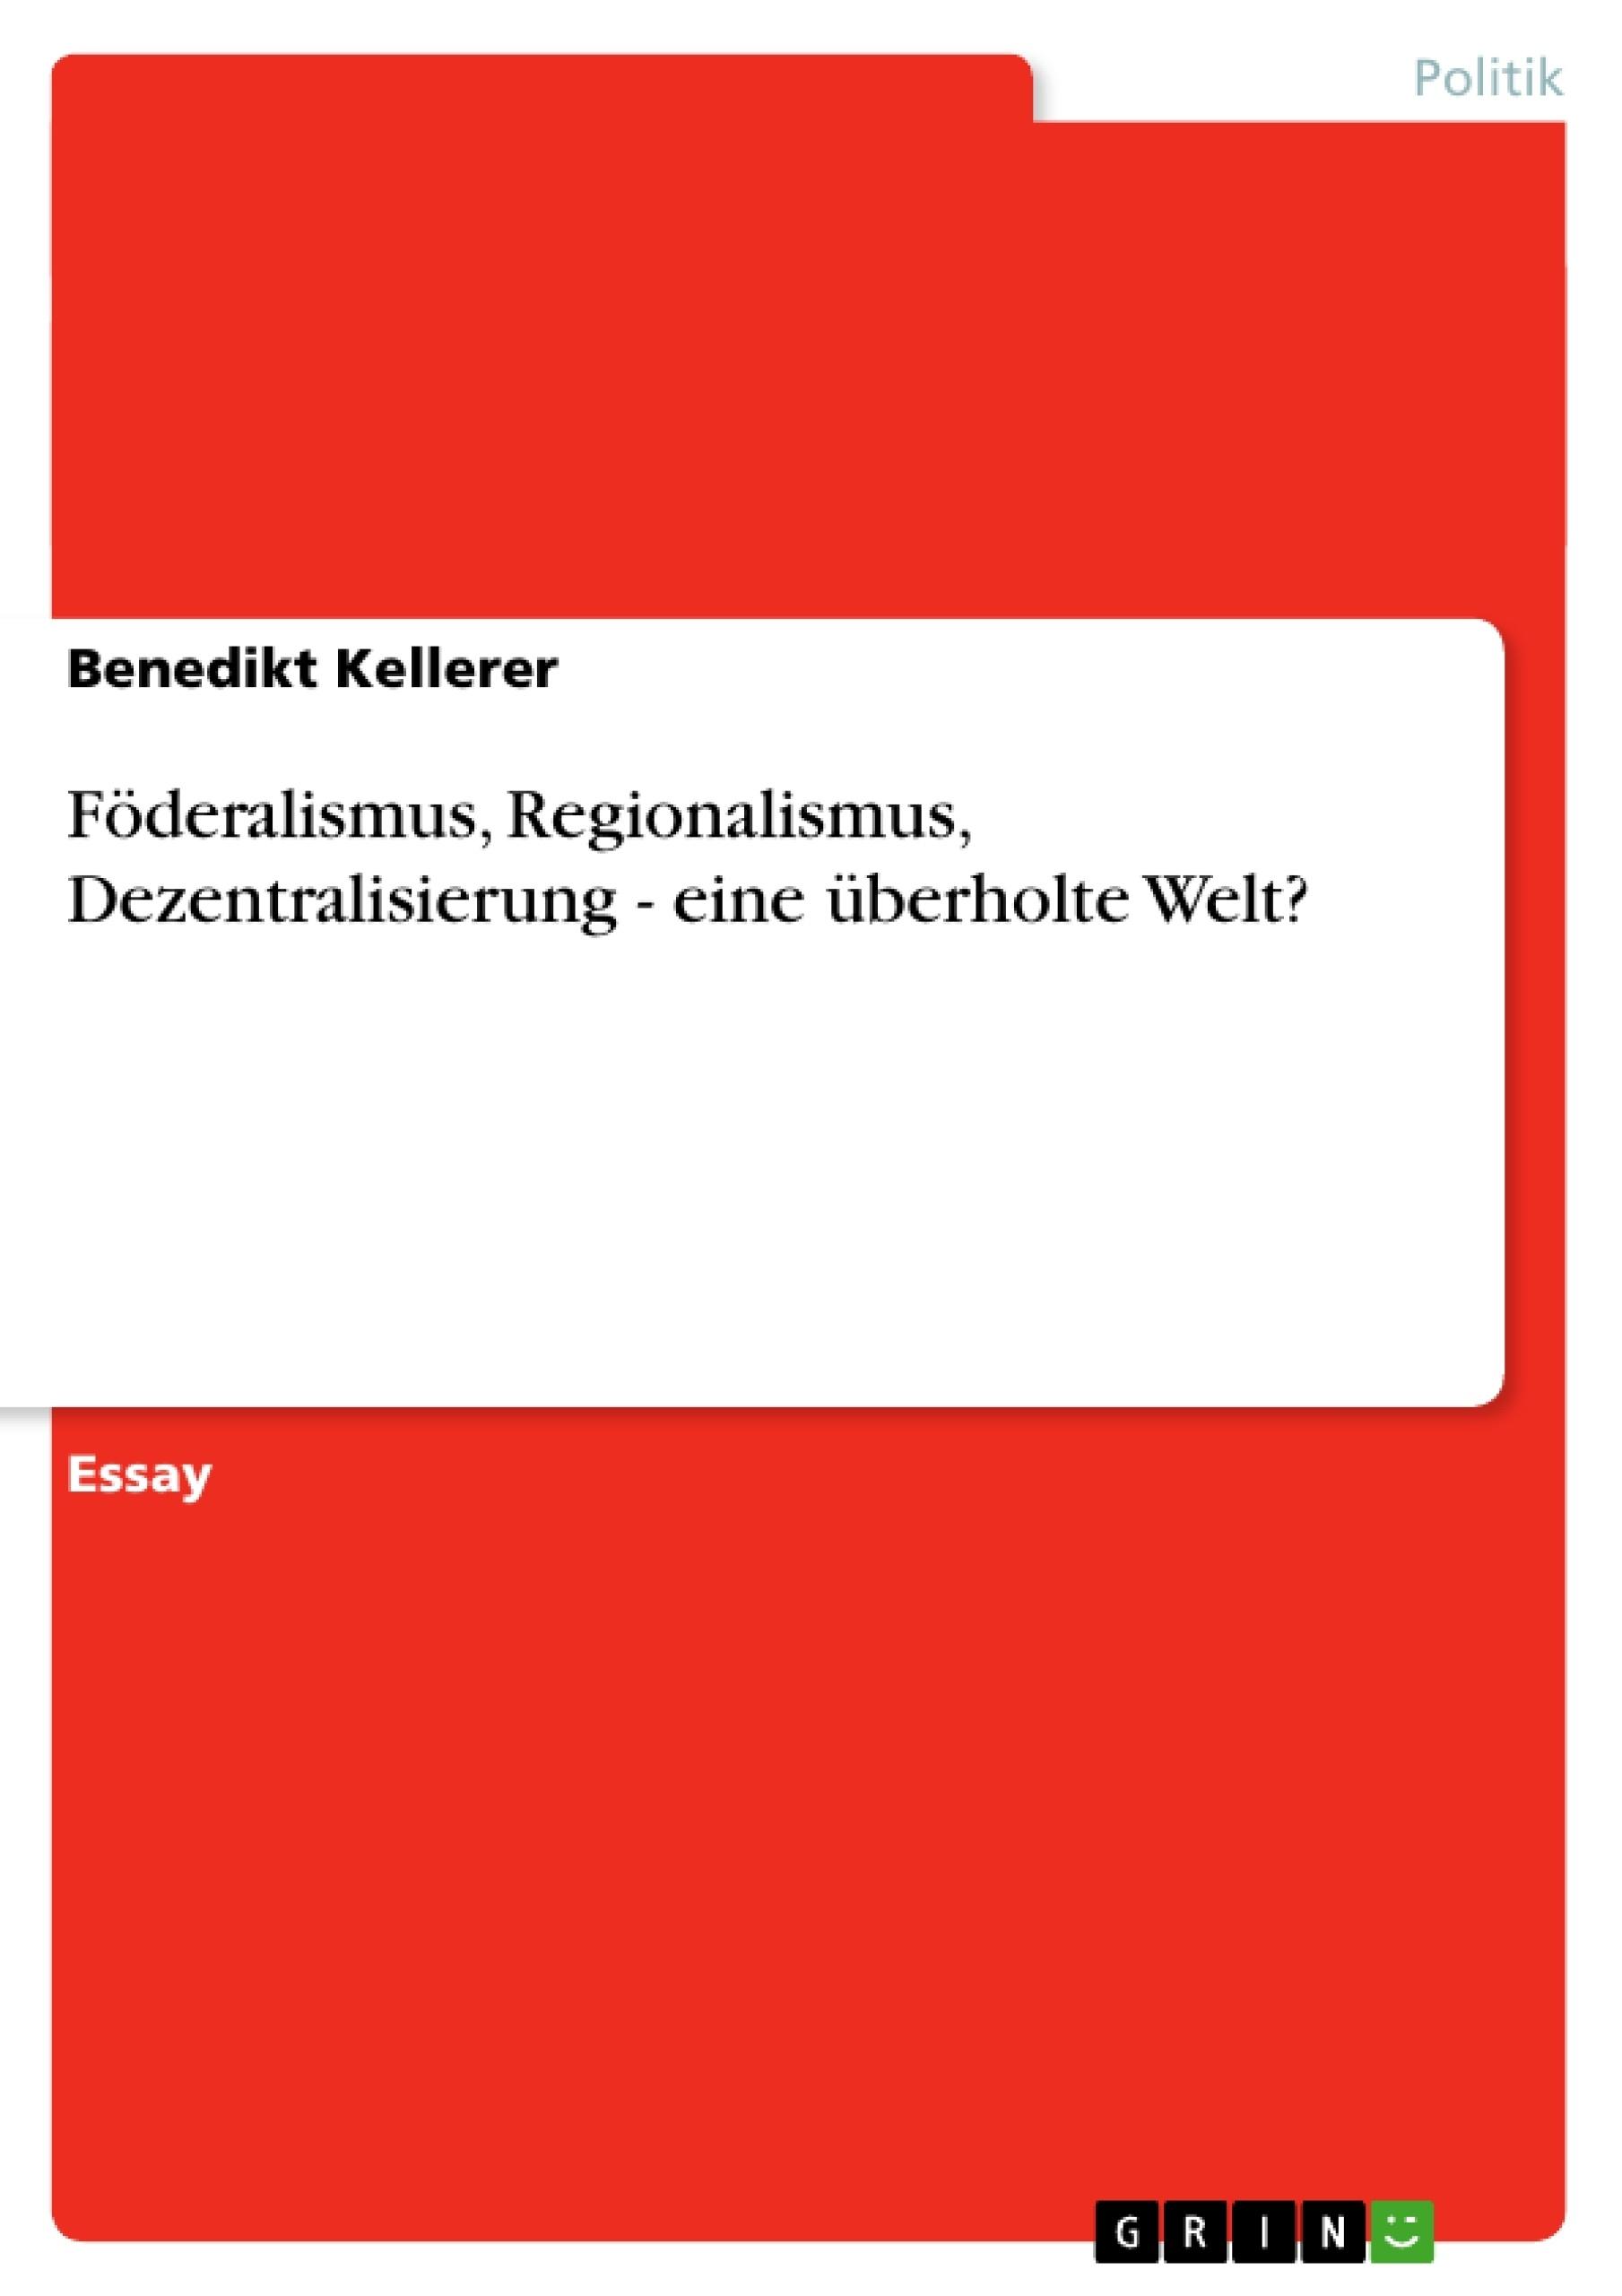 Titel: Föderalismus, Regionalismus, Dezentralisierung - eine überholte Welt?